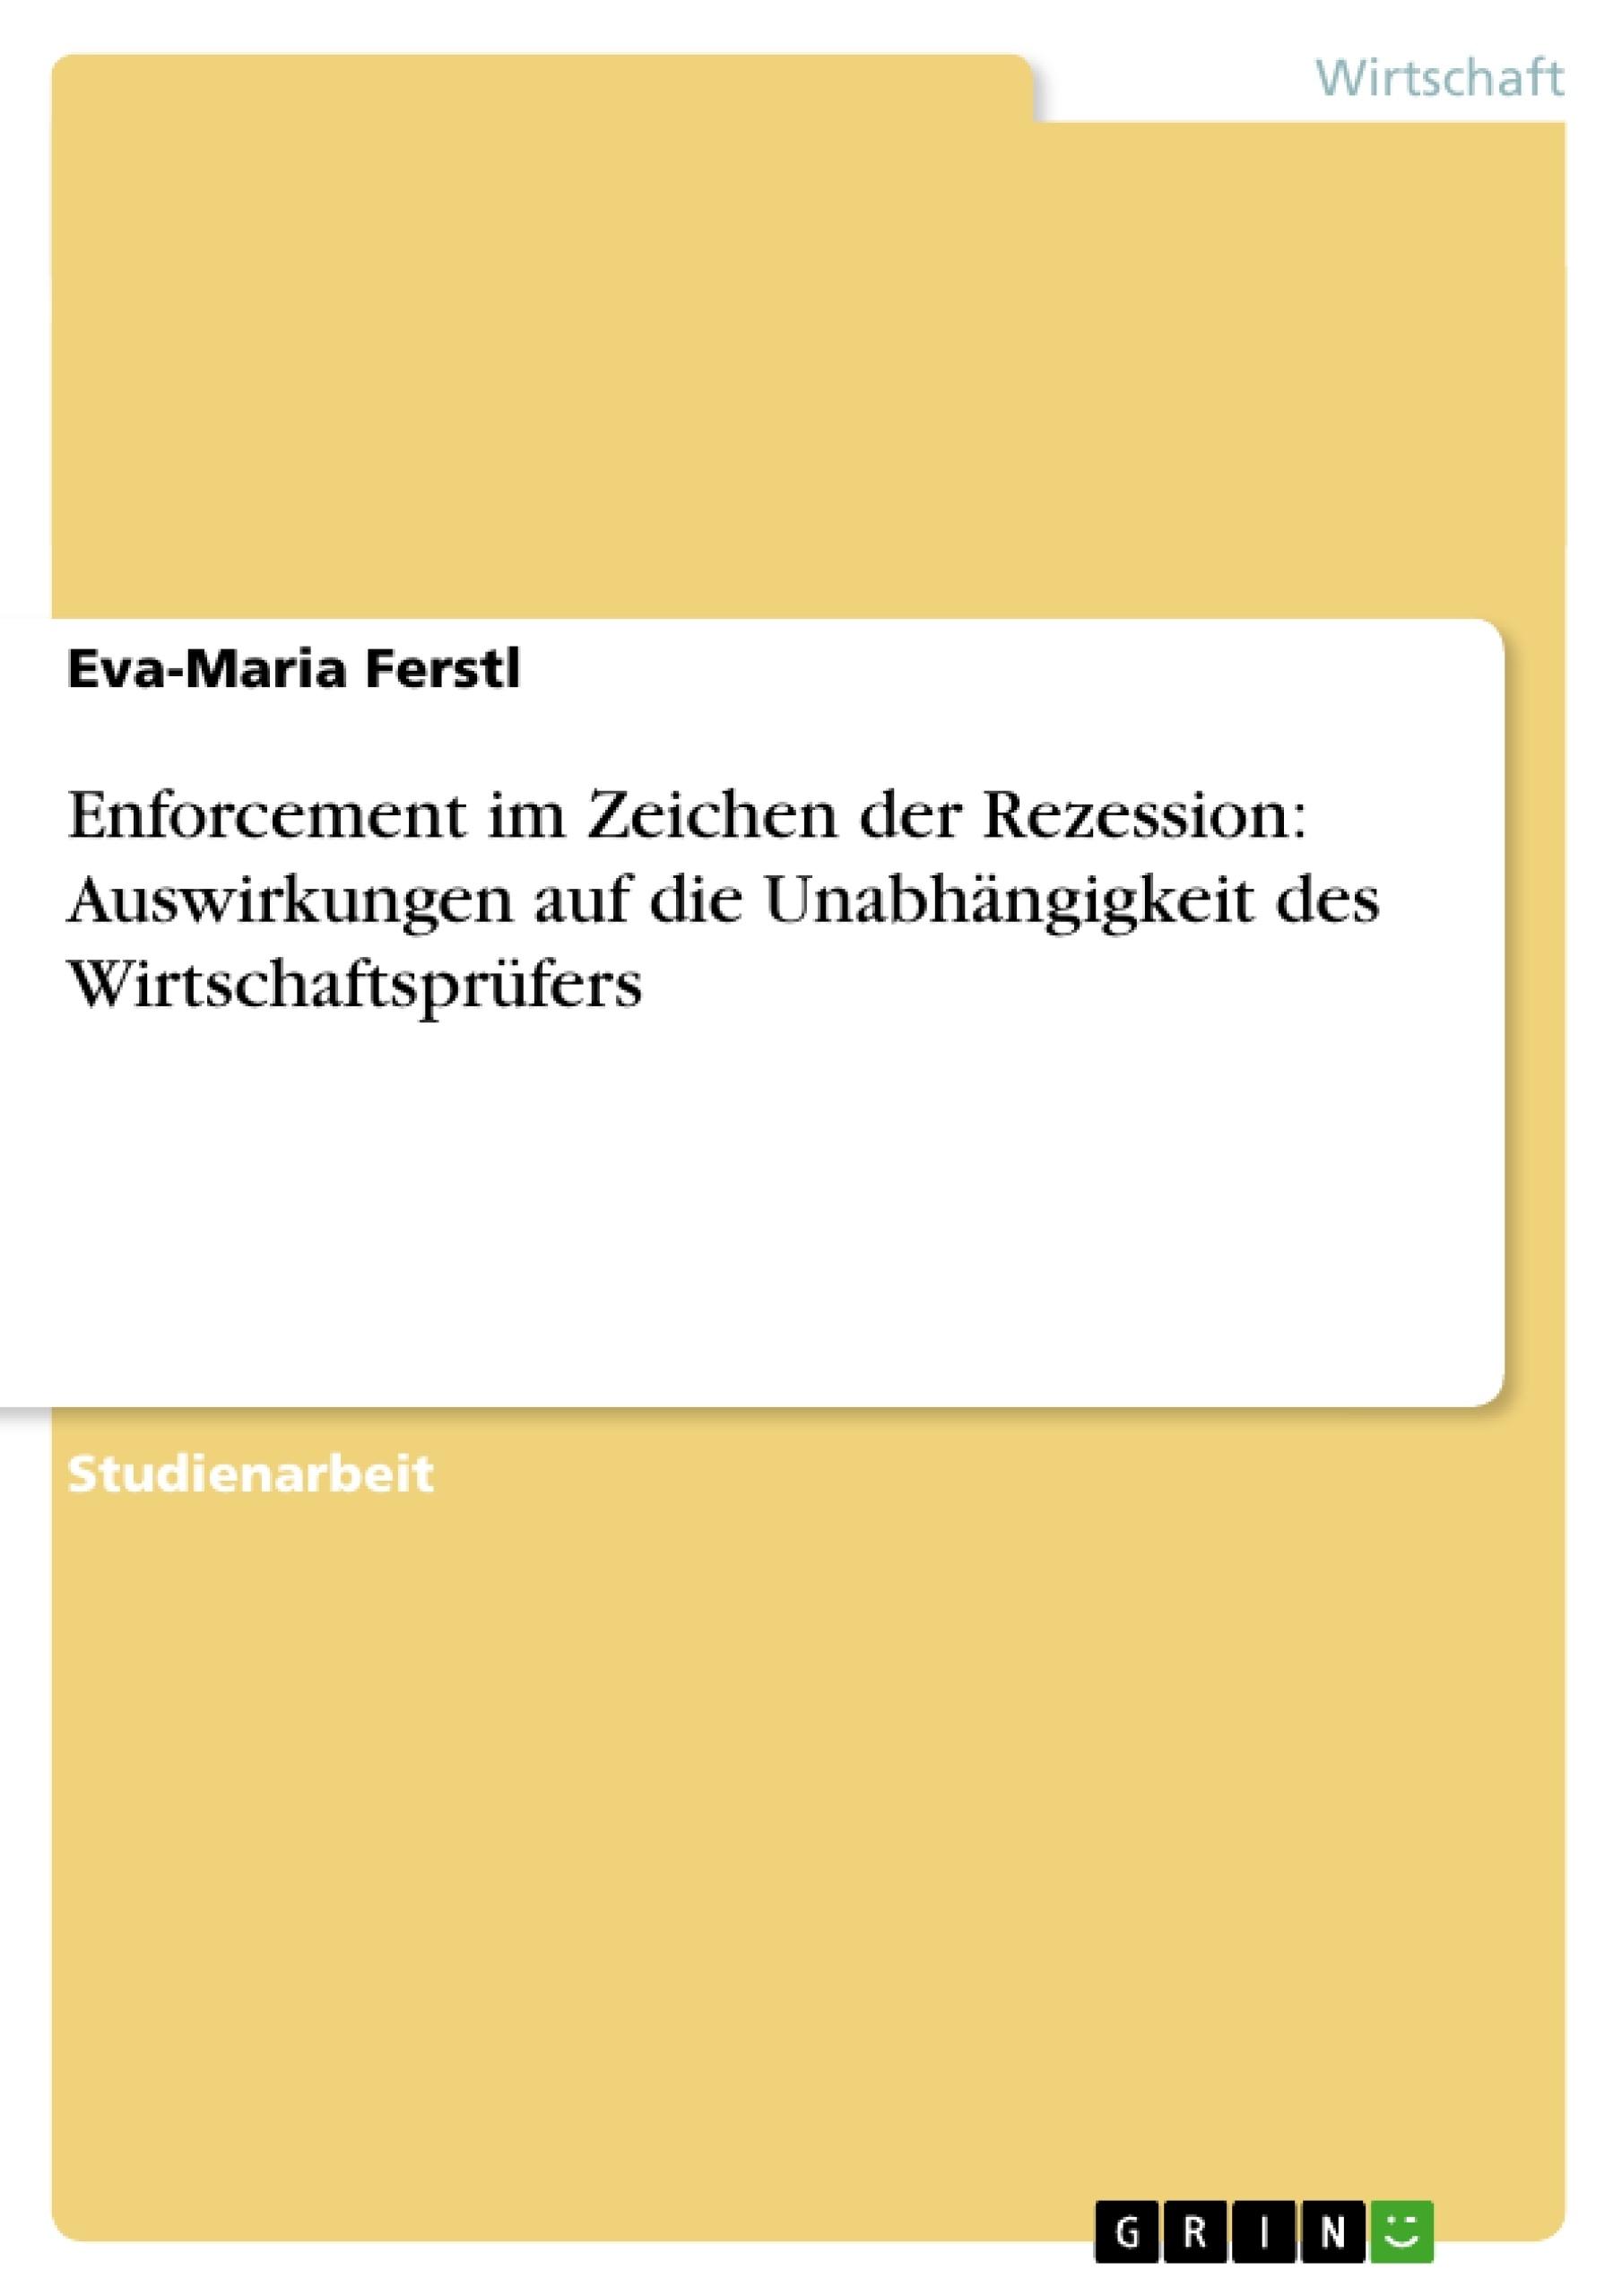 Titel: Enforcement im Zeichen der Rezession: Auswirkungen auf die Unabhängigkeit des Wirtschaftsprüfers